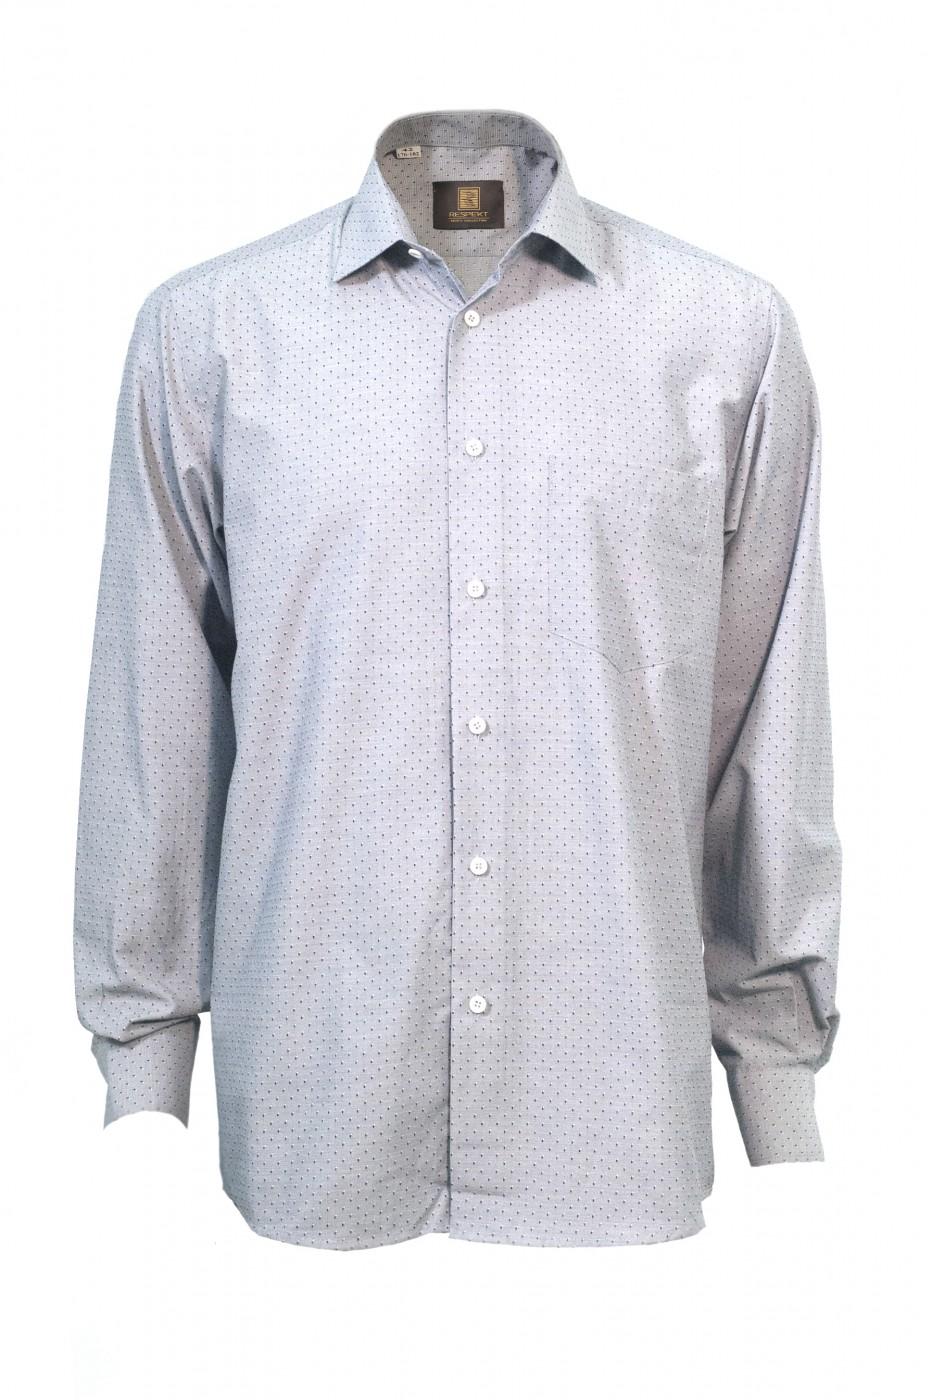 Серая мужская рубашка в чёрную крапинку 305 (56)